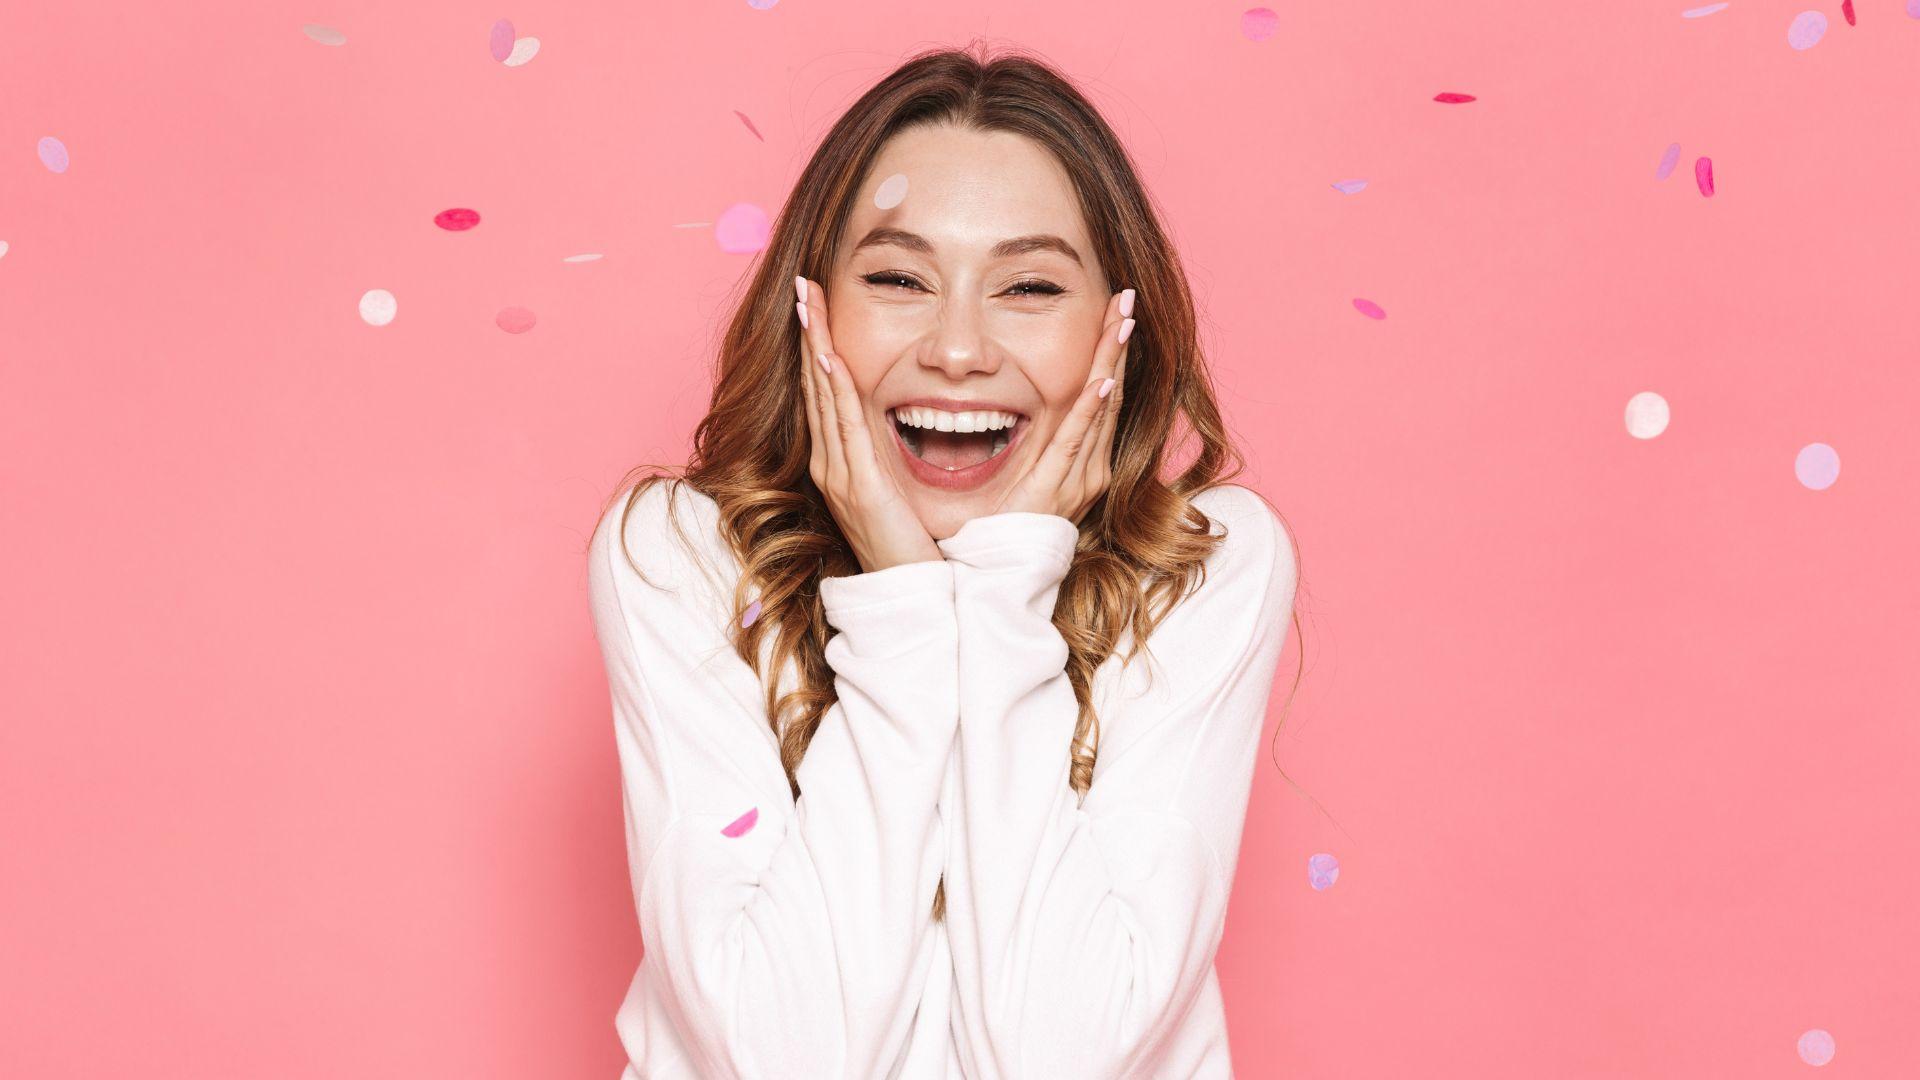 Frases Legais De Aniversário Felicidades E Alegrias